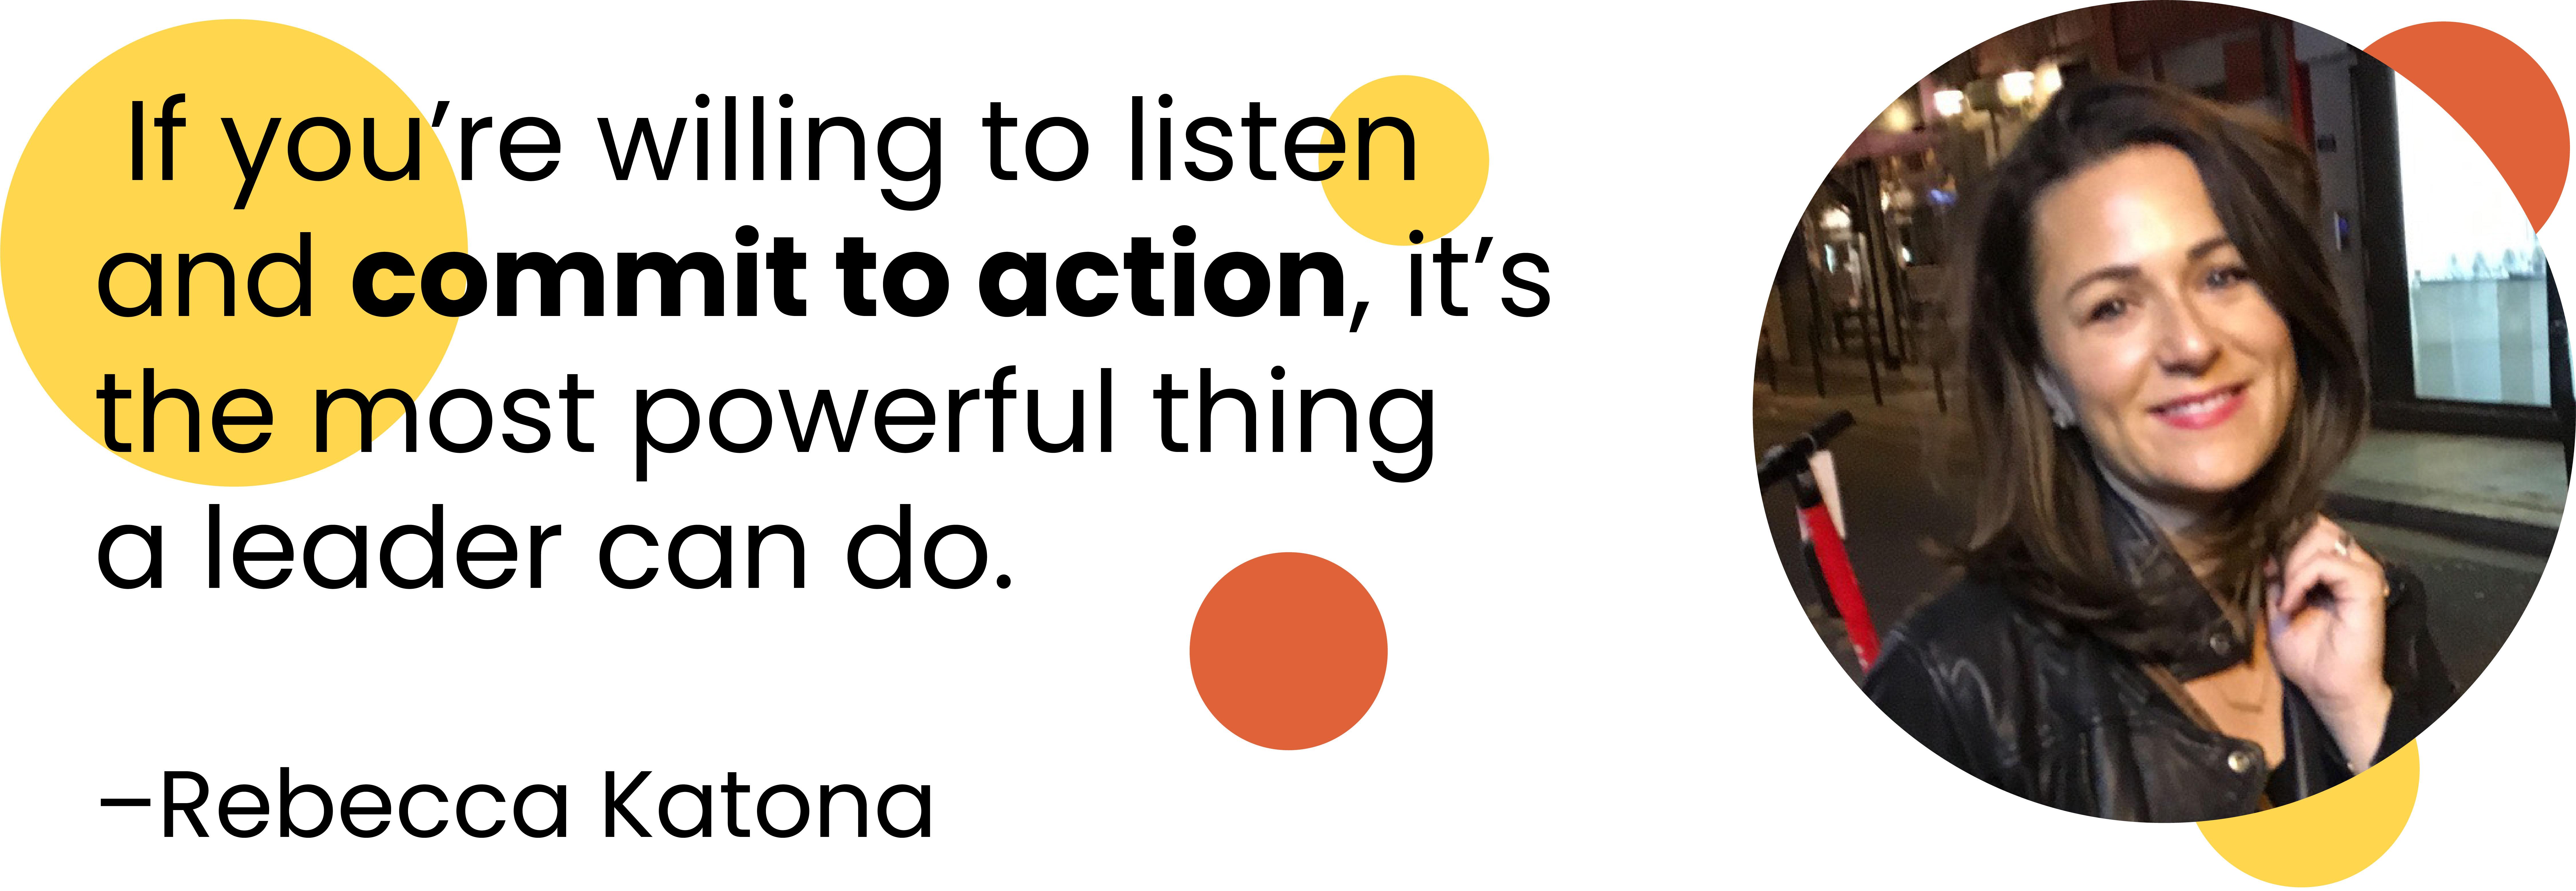 Culture Collective: Rebecca Katona quote